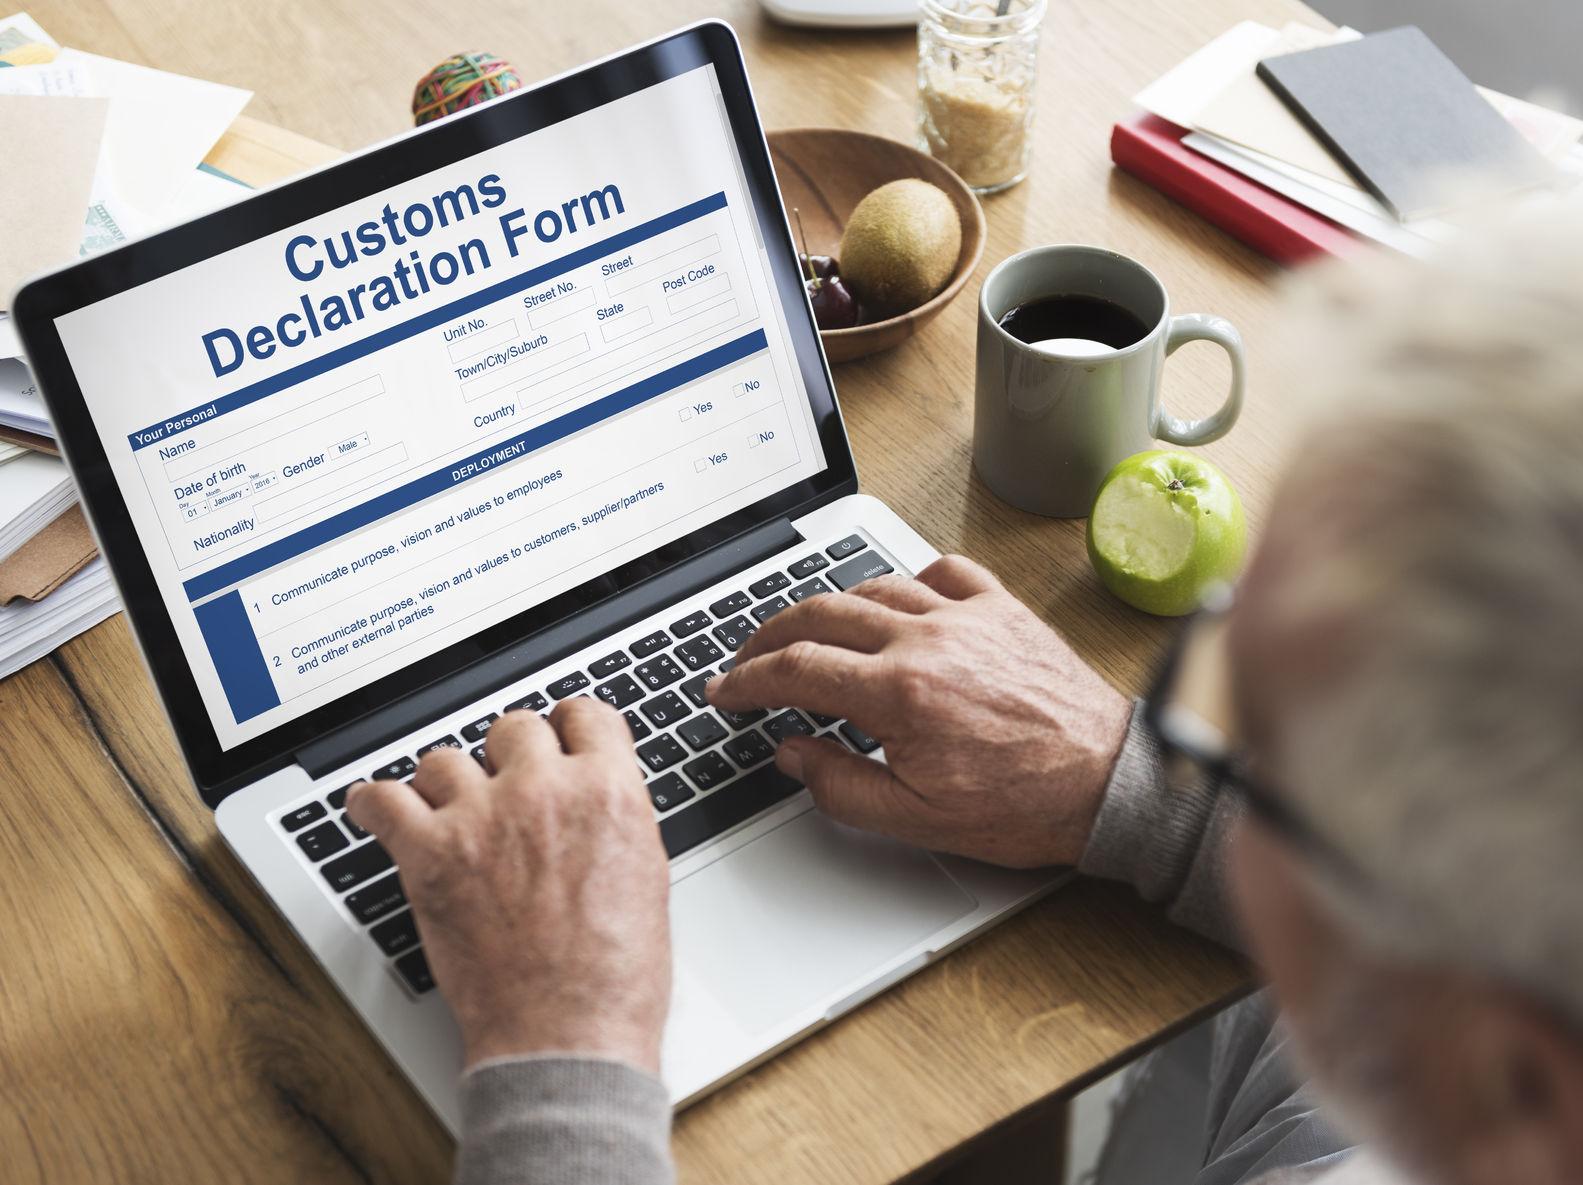 Zollabfertigung, Beschaffung von behördlichen Genehmigungen im In- und Ausland, customs declaration form invoice freight parcel concept